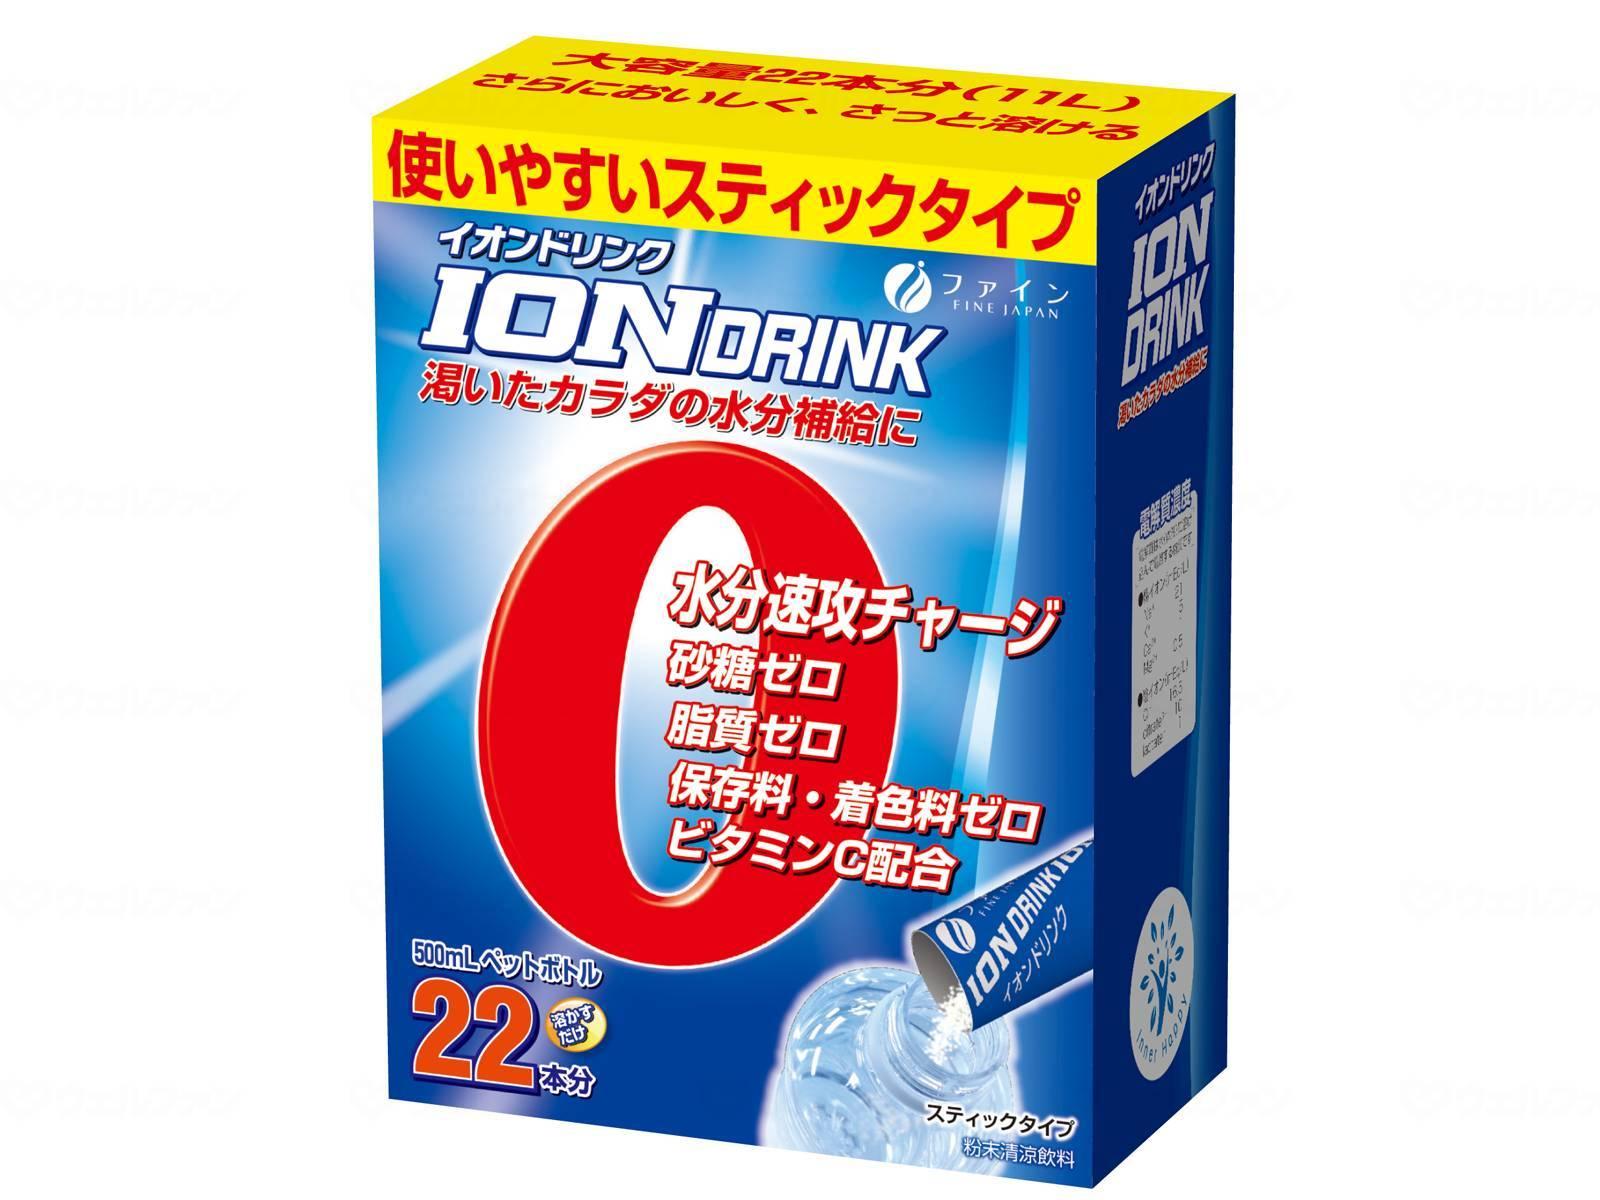 イオンドリンク 22包 ケース/ファイン 食事・口腔ケア関連商品 水分補給・栄養補助・健康補助食品 水分補給・栄養補助・健康補助食品 介護用品.